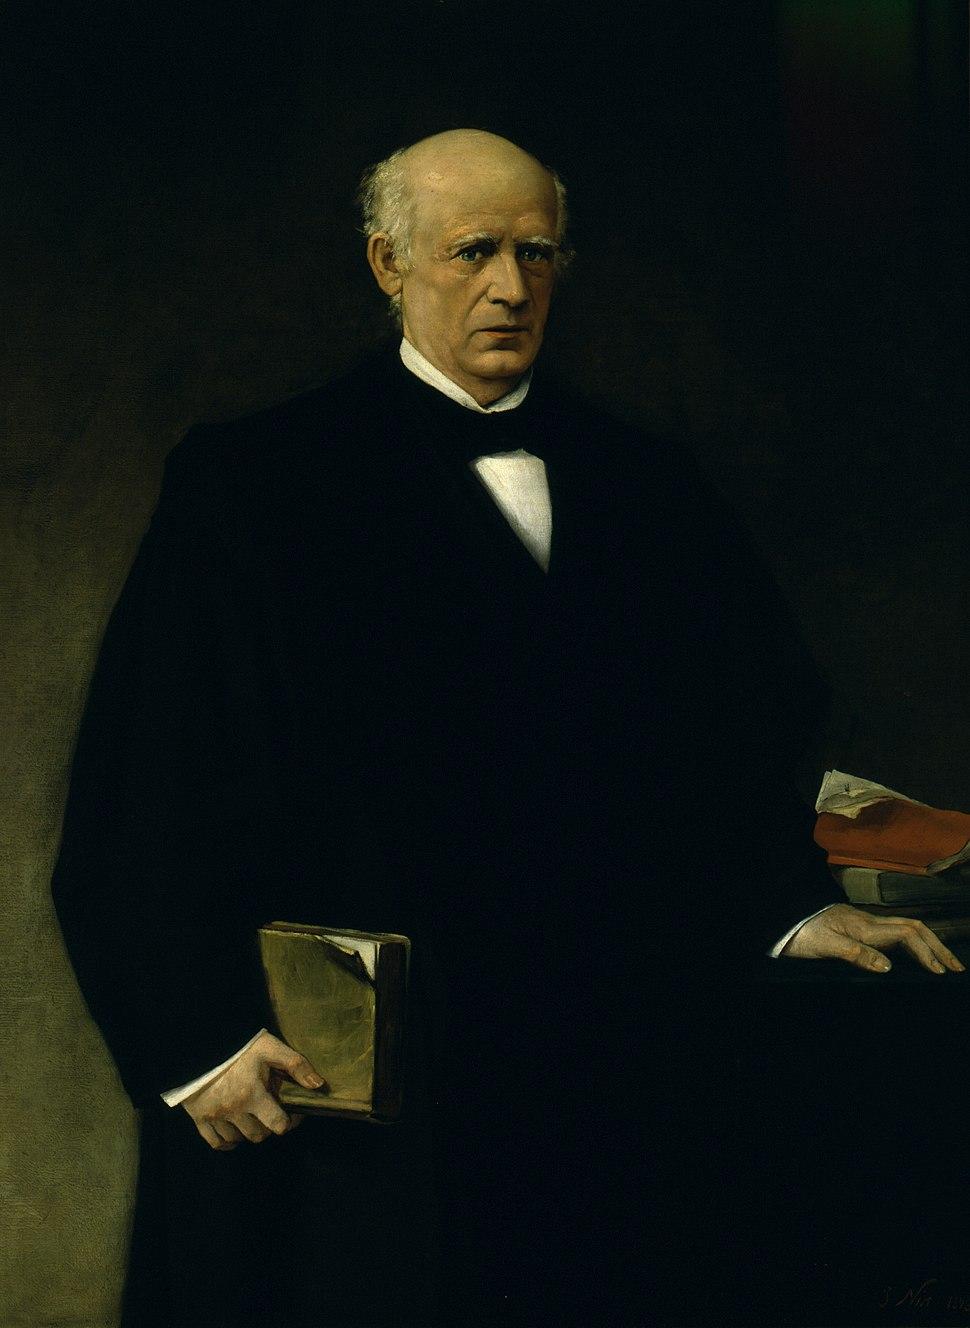 Pascual Madoz, de José Nin y Tudó (1873), Congreso de los Diputados